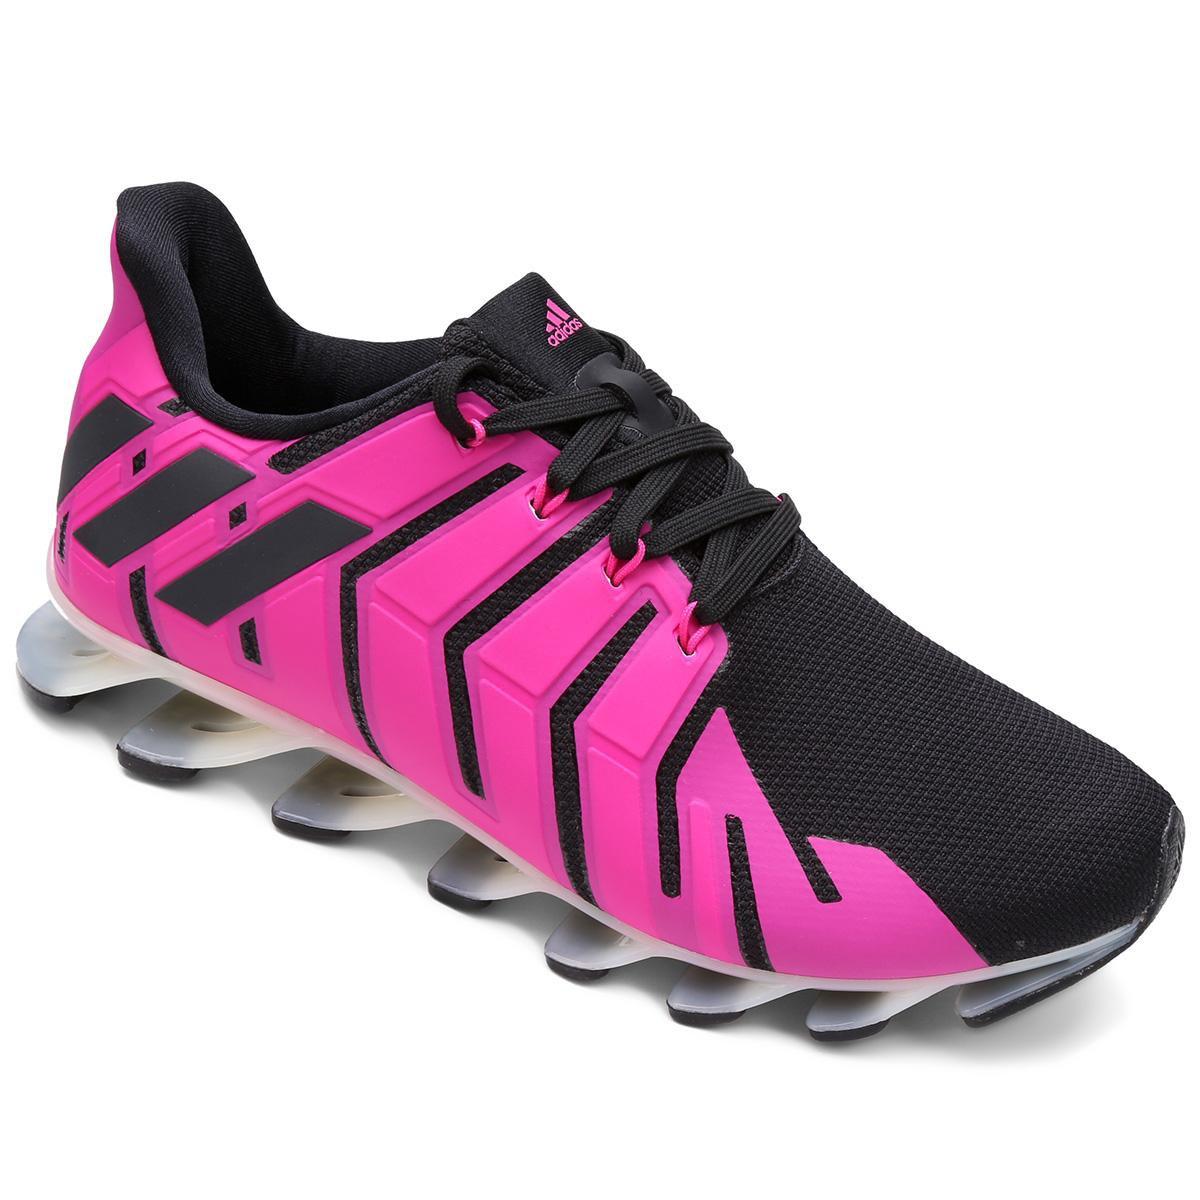 adidas springblade razor preto com rosa